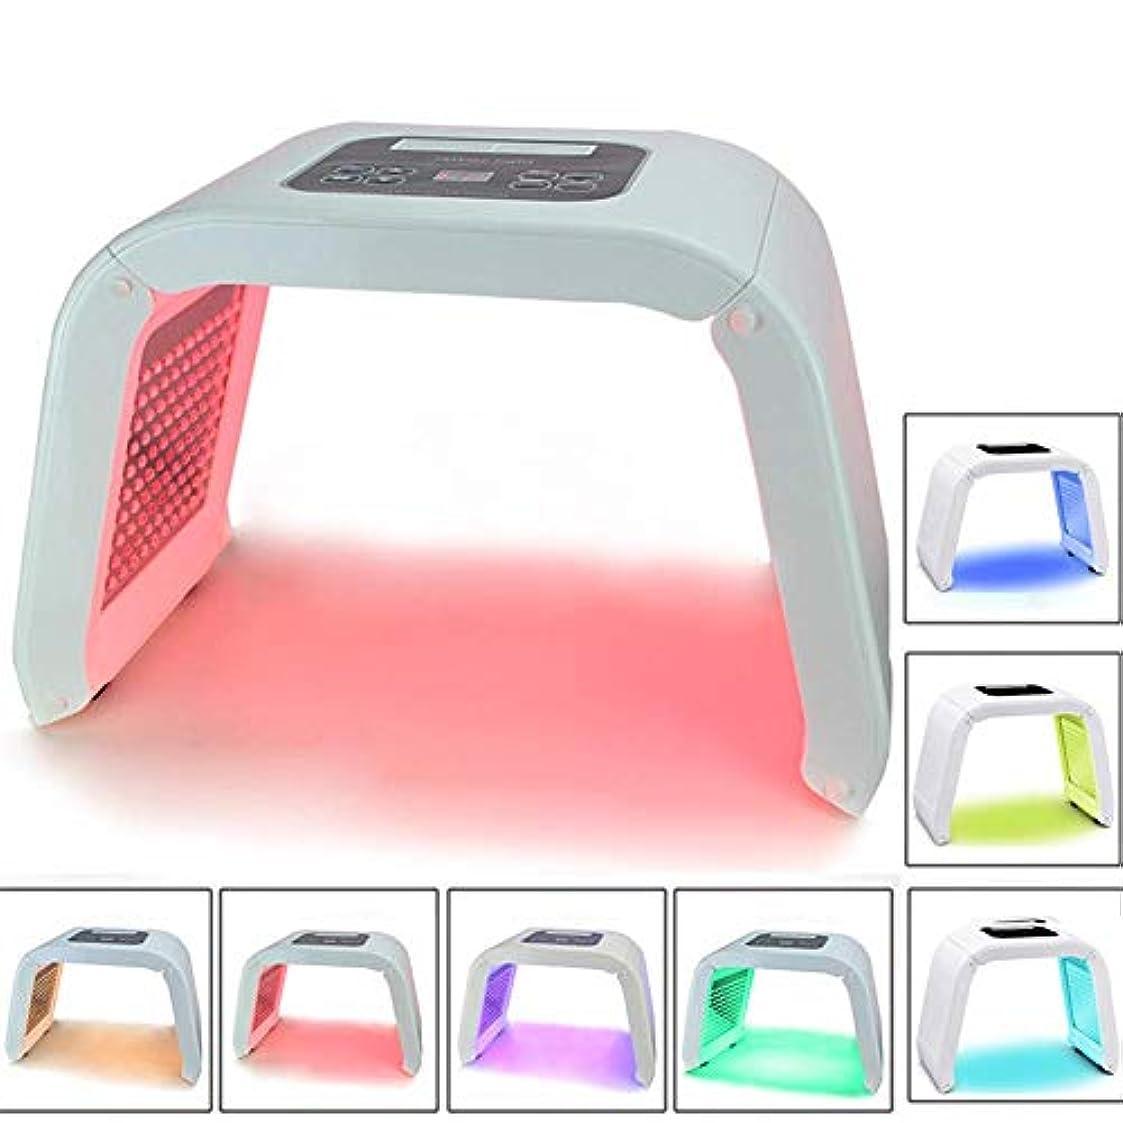 光子光線療法のスキンケア機械、7色光線療法のフェイスマスクランプの美の処置装置は顔のアクネの除去剤の反しわの鉱泉をきつく締めます